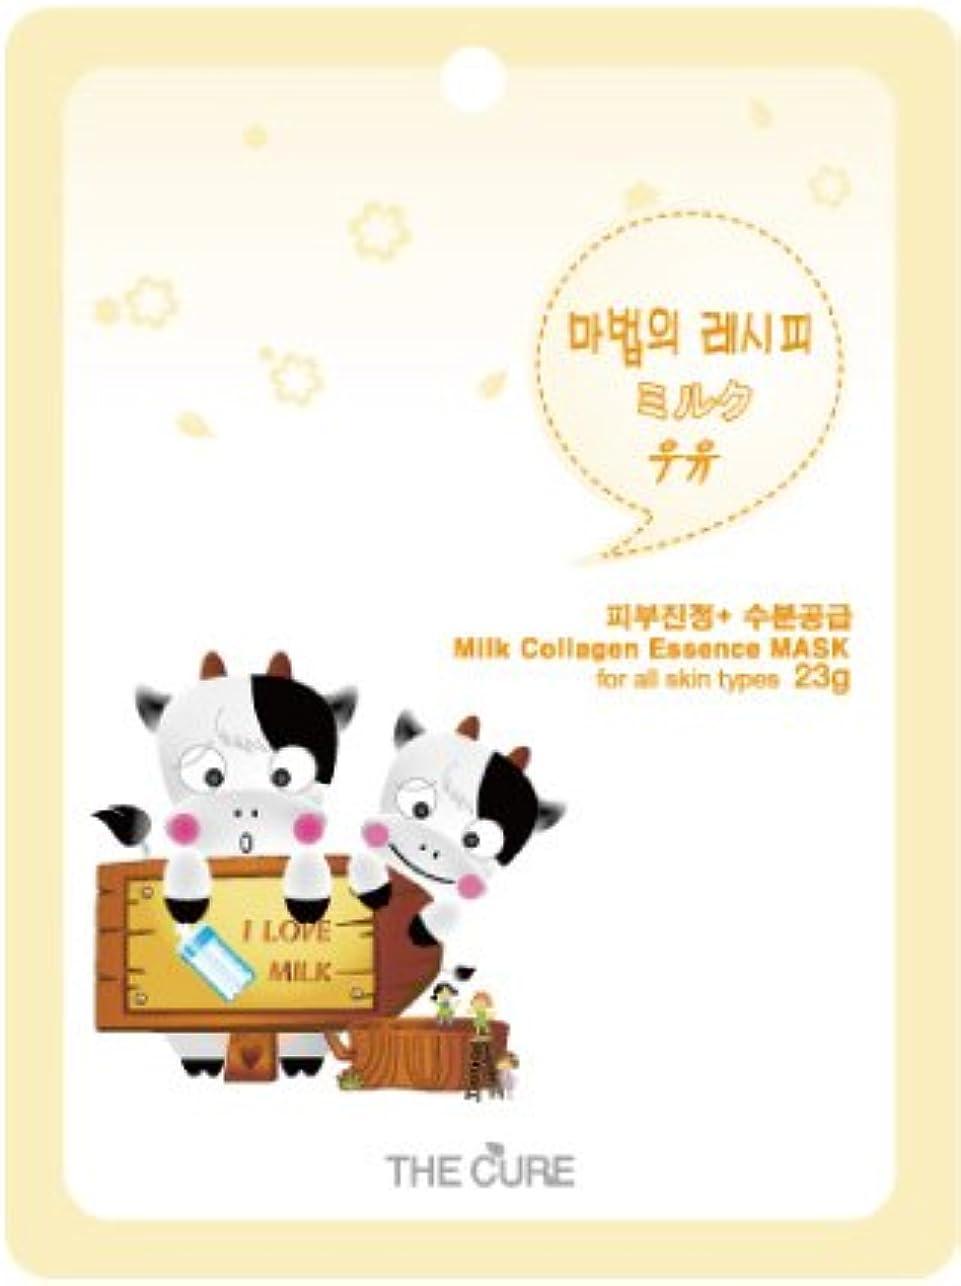 メディカル現実にはどこにでもミルク コラーゲン エッセンス マスク THE CURE シート パック 10枚セット 韓国 コスメ 乾燥肌 オイリー肌 混合肌